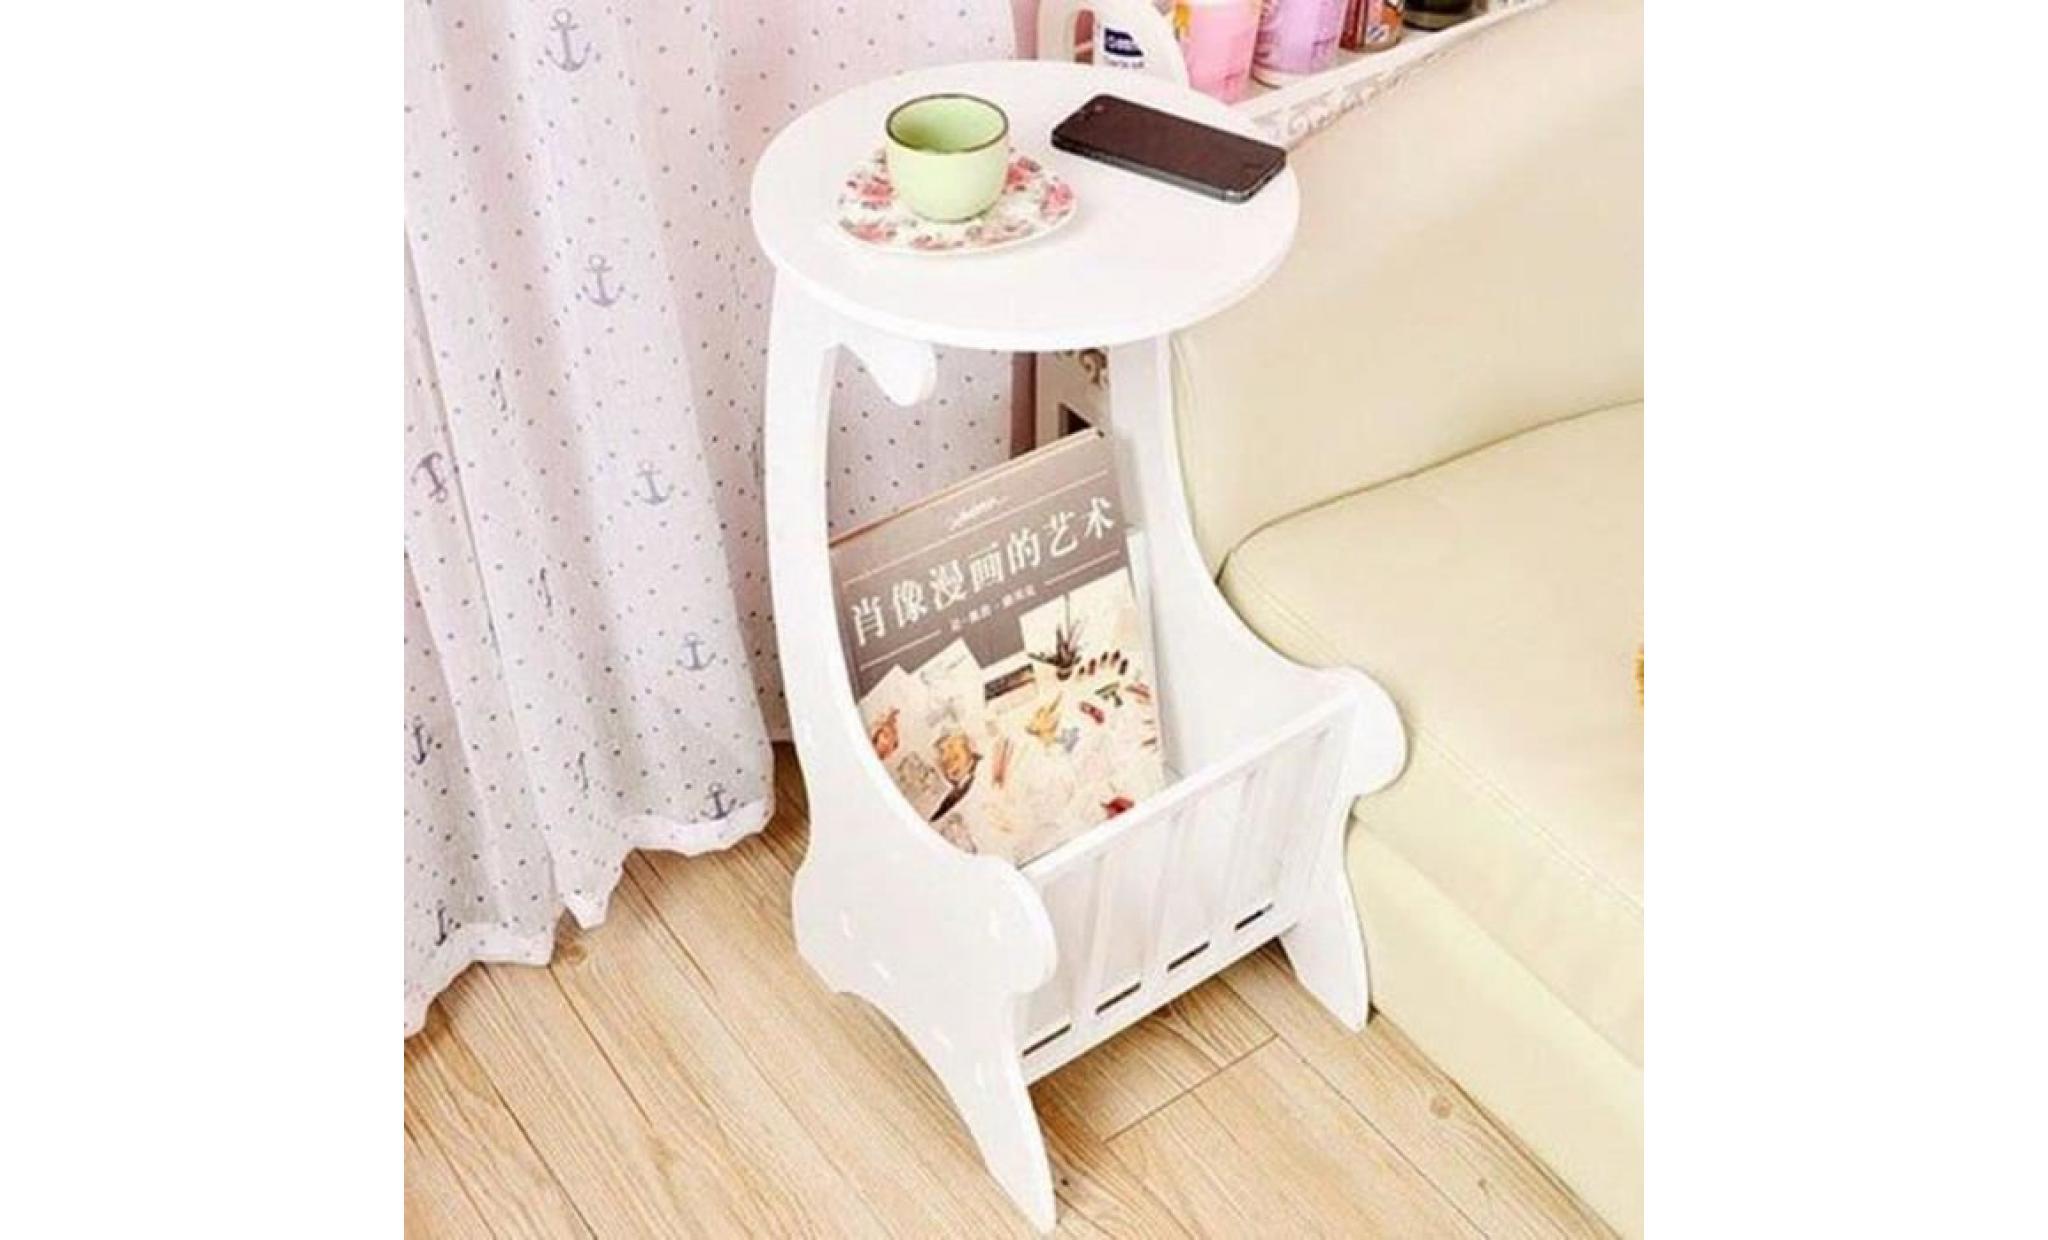 2pcs table basse support de fleurs modern design 34 x 22 x 59 5 cm blanc achat vente table basse pas cher couleur et design fr